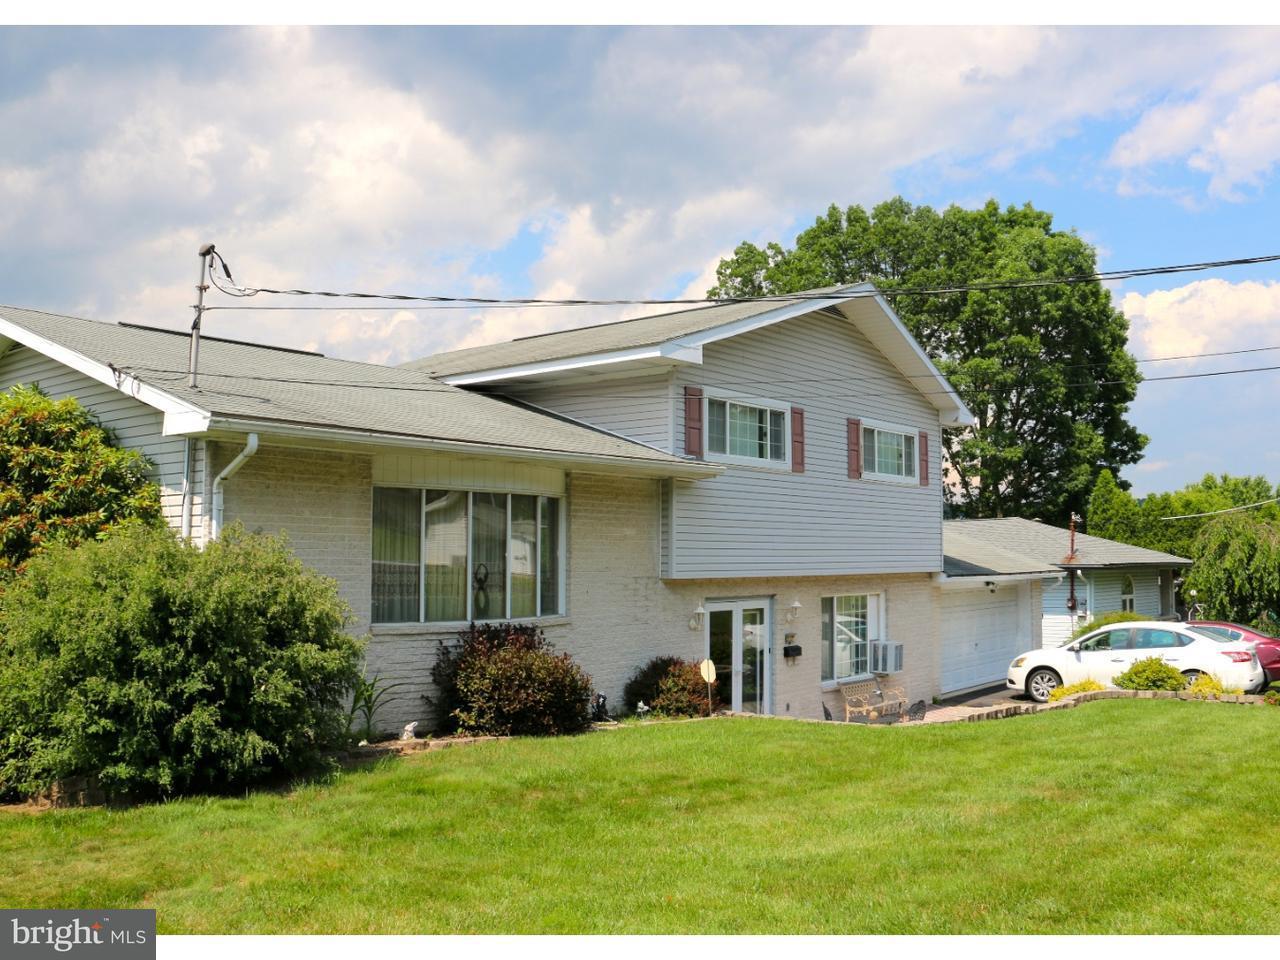 Частный односемейный дом для того Продажа на 517 W NICHOLAS Street Frackville, Пенсильвания 17931 Соединенные Штаты